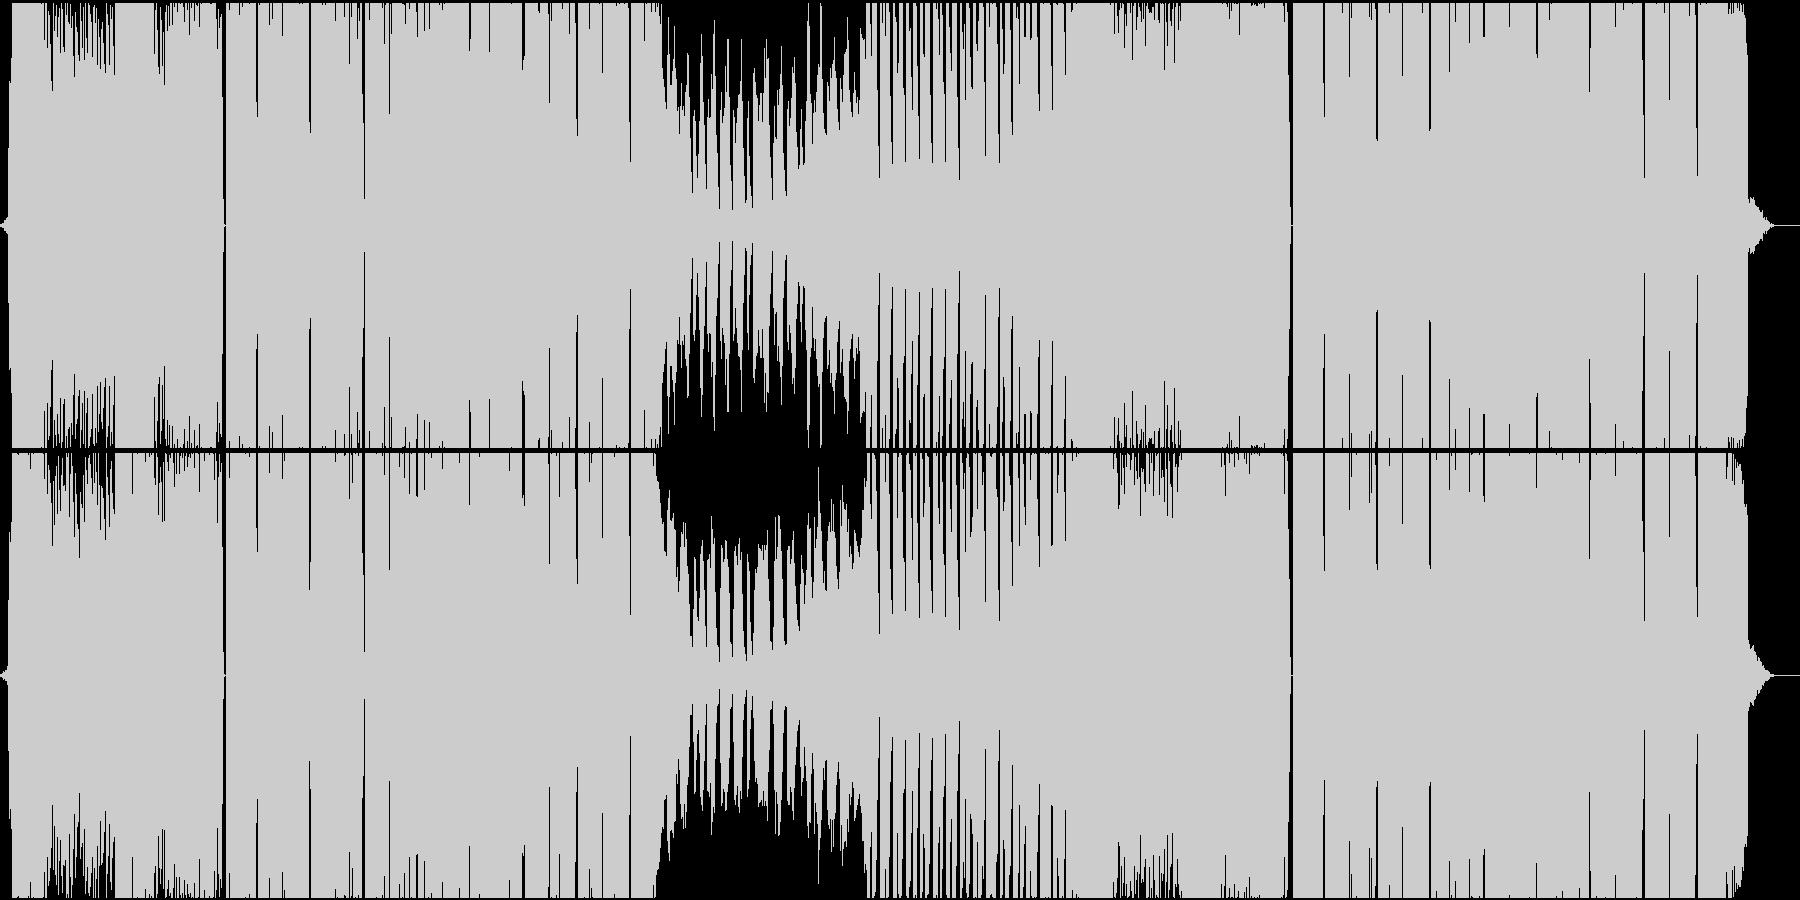 無機質でメタリックな近未来的サウンドの未再生の波形